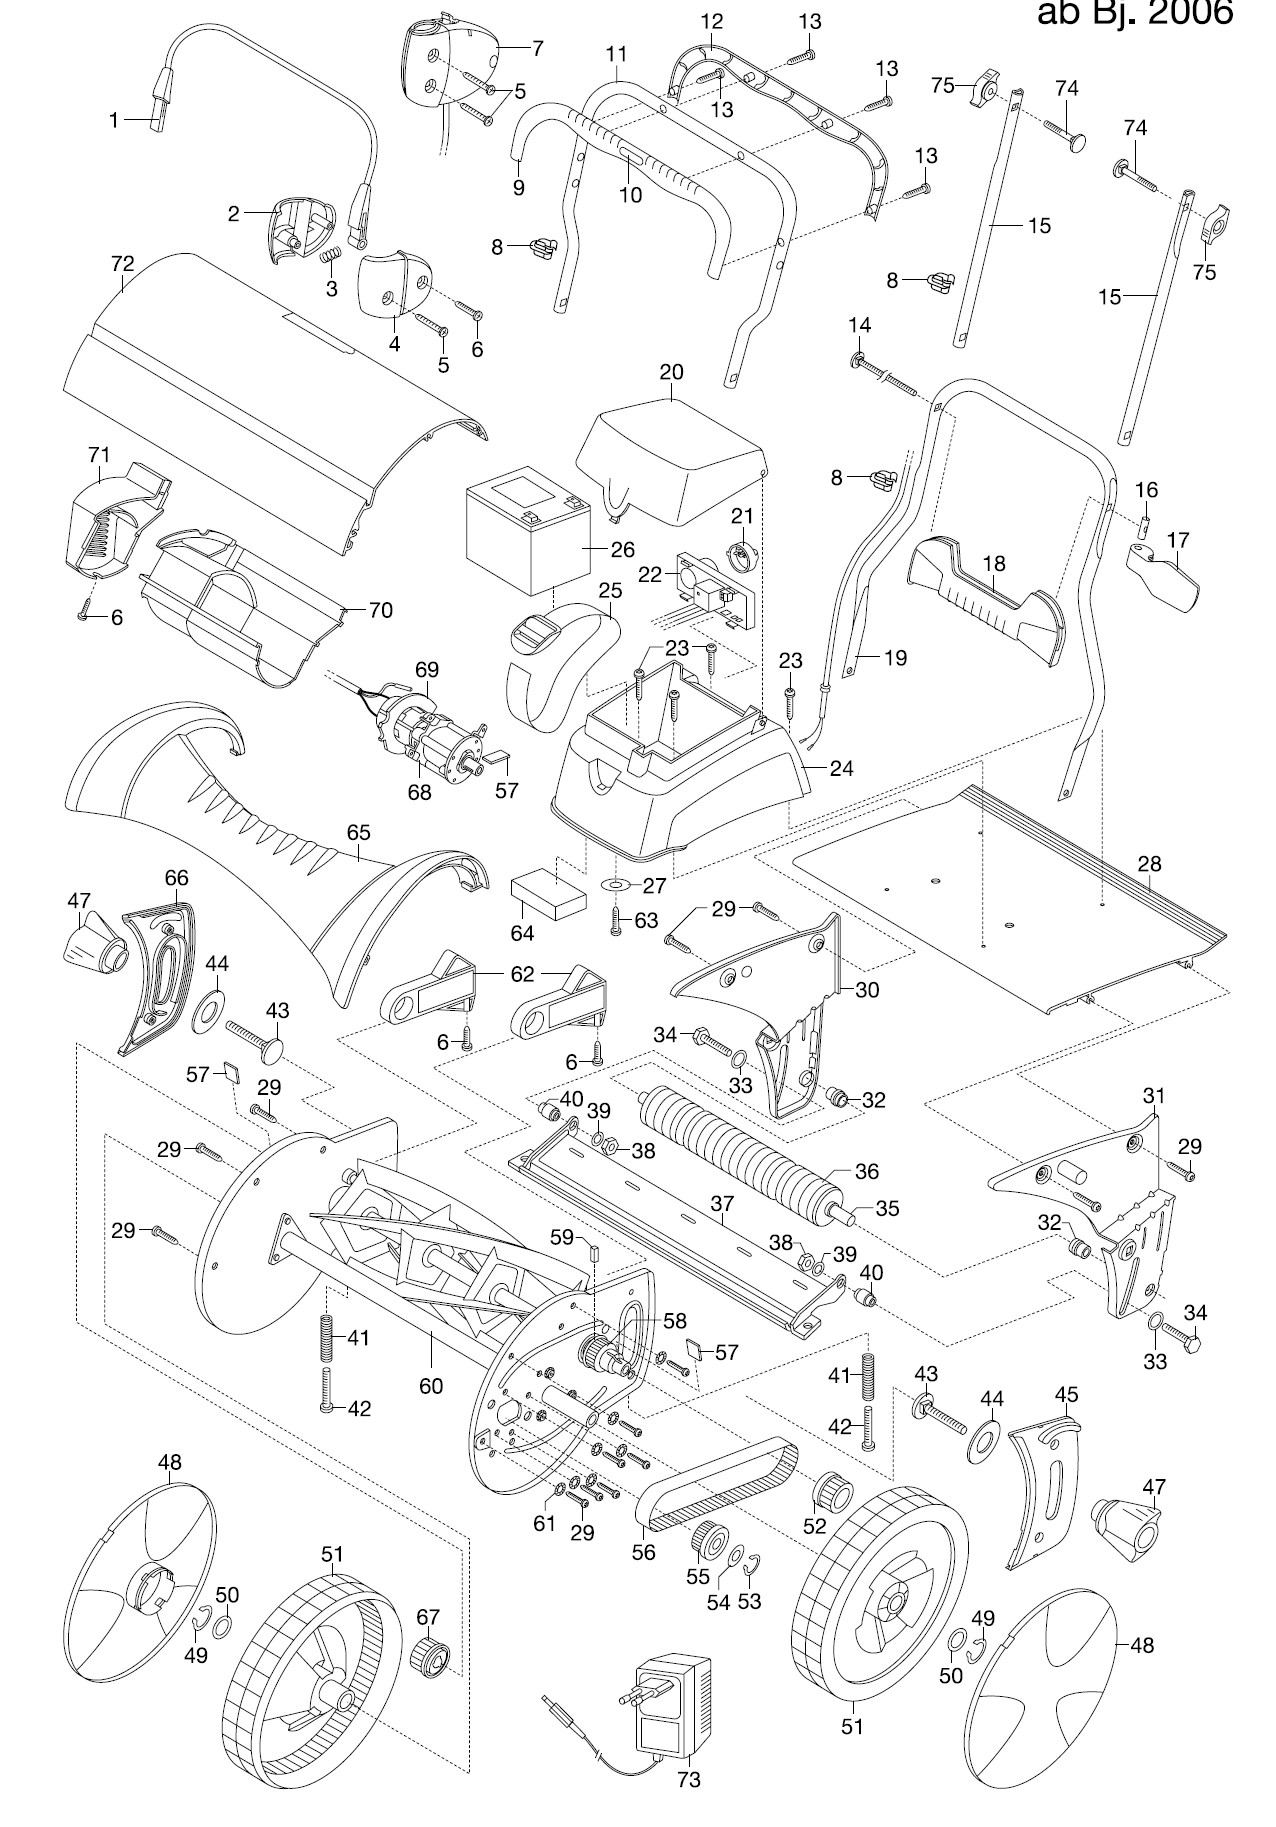 gardena ersatzteile accu spindelm her 380 ac 4026. Black Bedroom Furniture Sets. Home Design Ideas